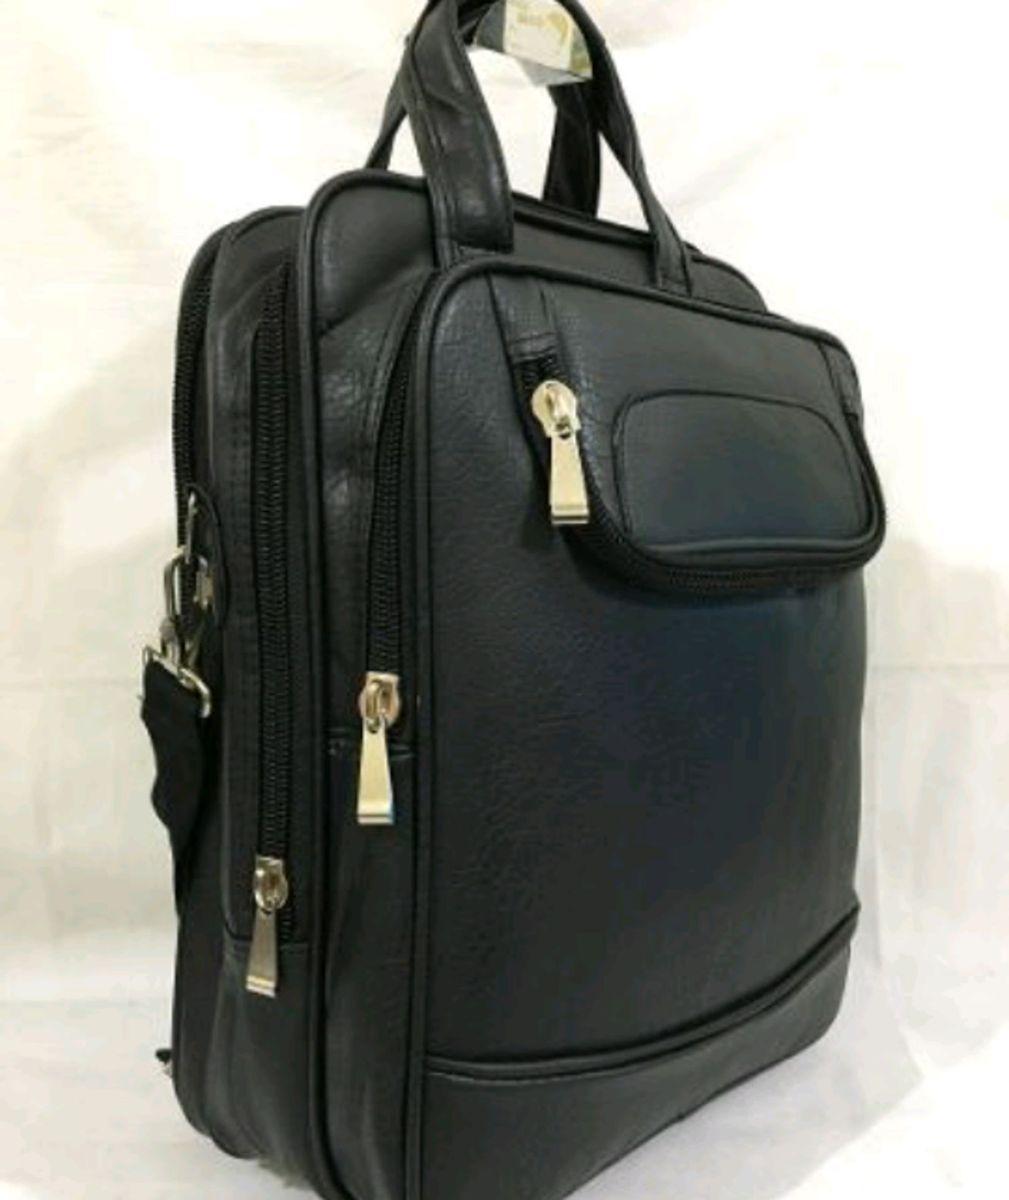 a62d620823 bolsa pasta tiracolo transversal couro sintético masculina grande - bolsas  importado